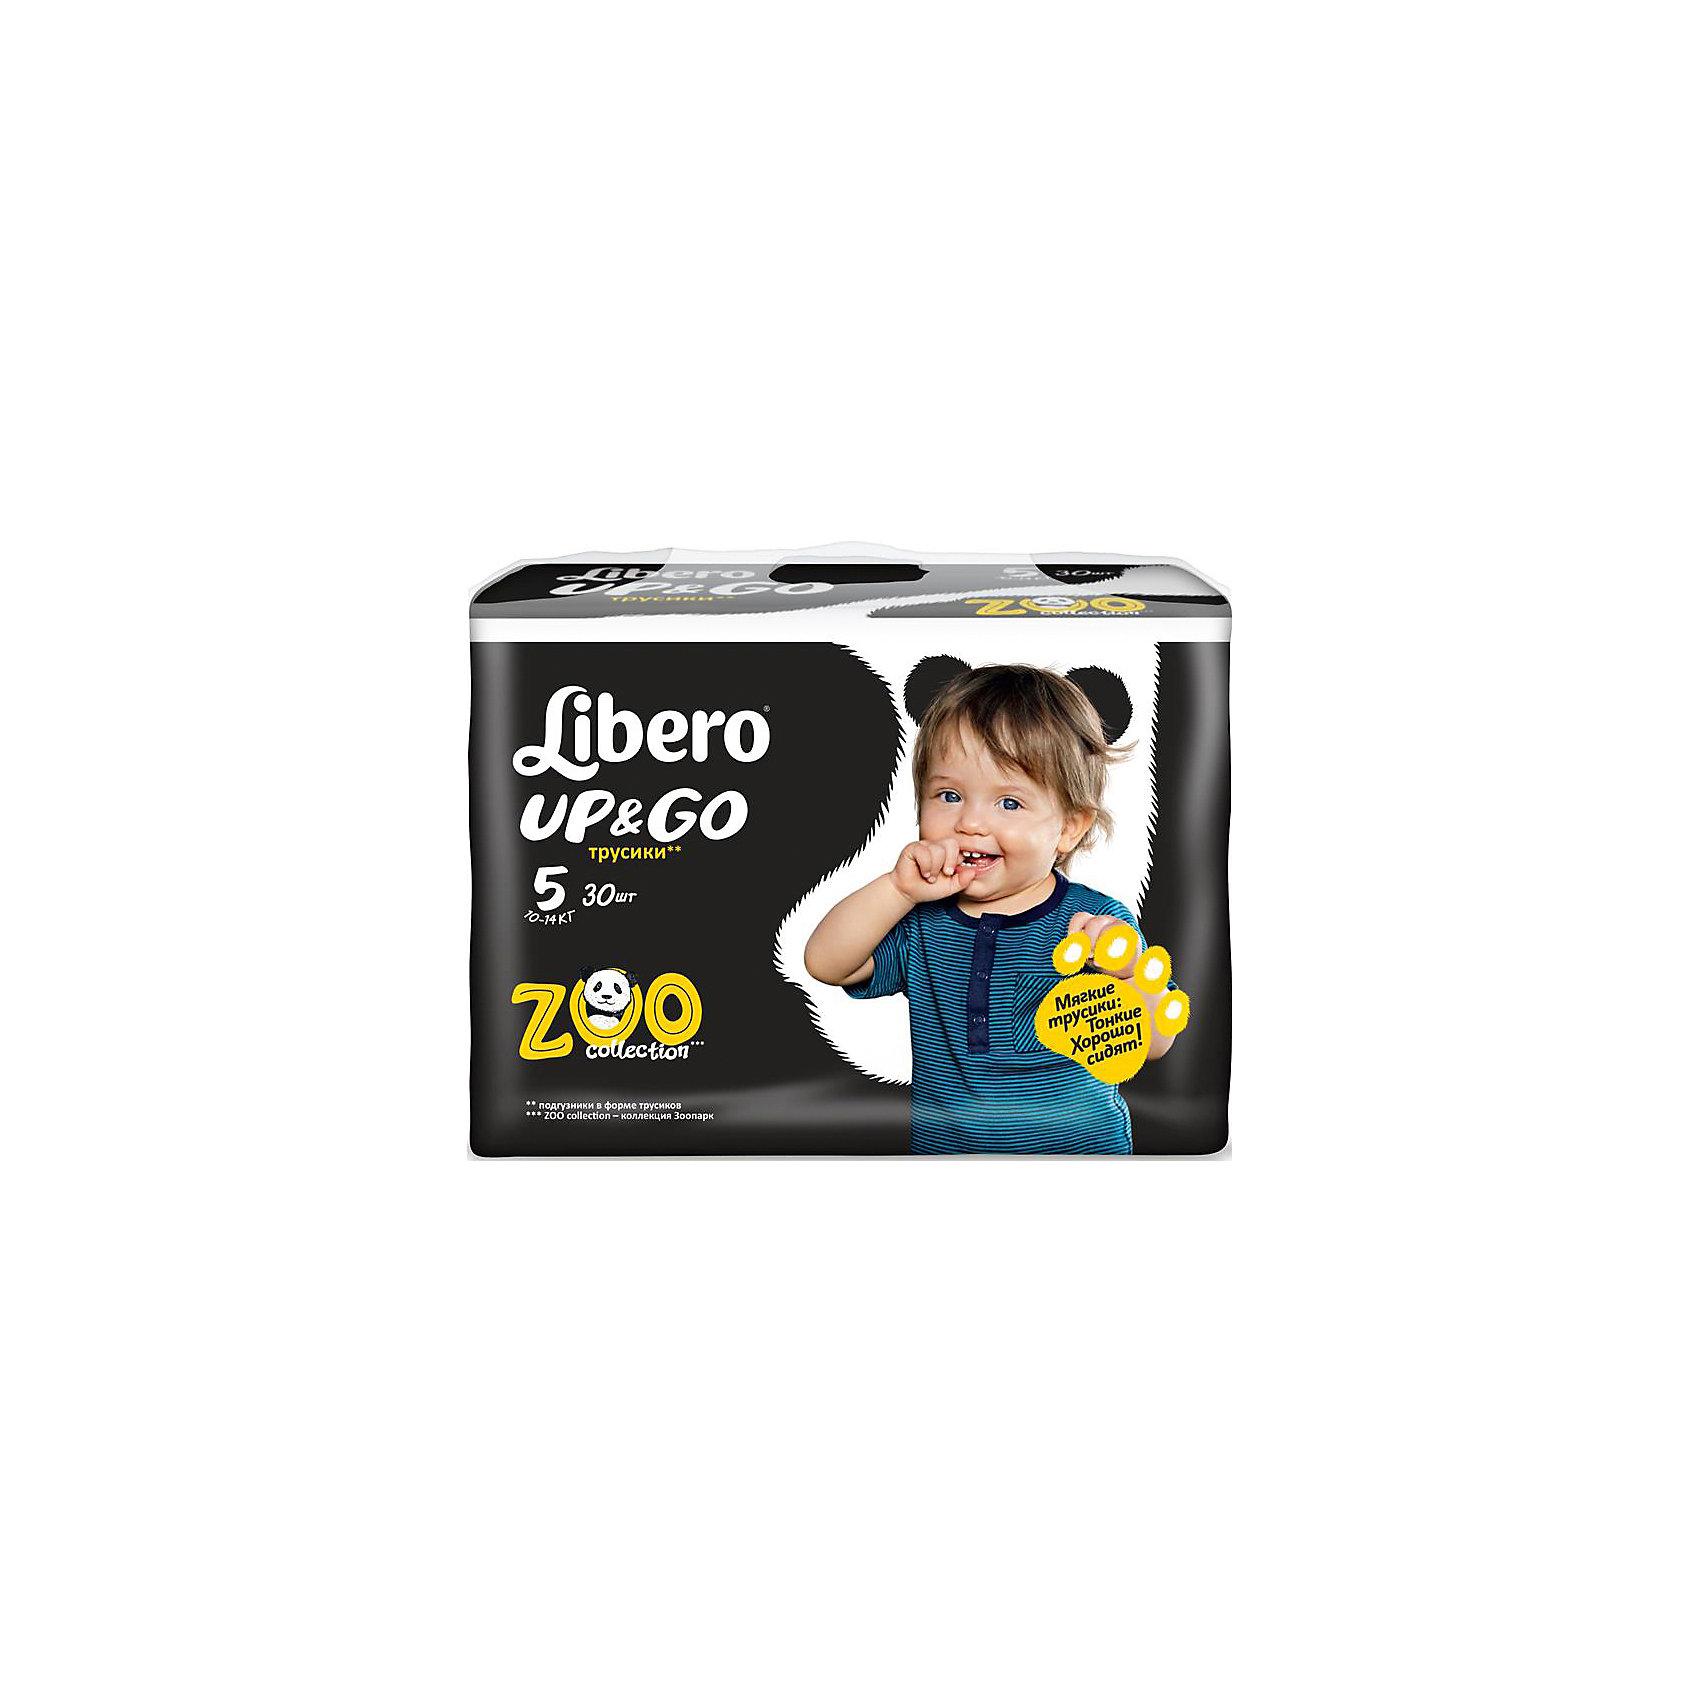 Libero Трусики Up&Go, Maxi Plus 10-14 кг (5), 30 шт., Libero libero подгузники трусики up